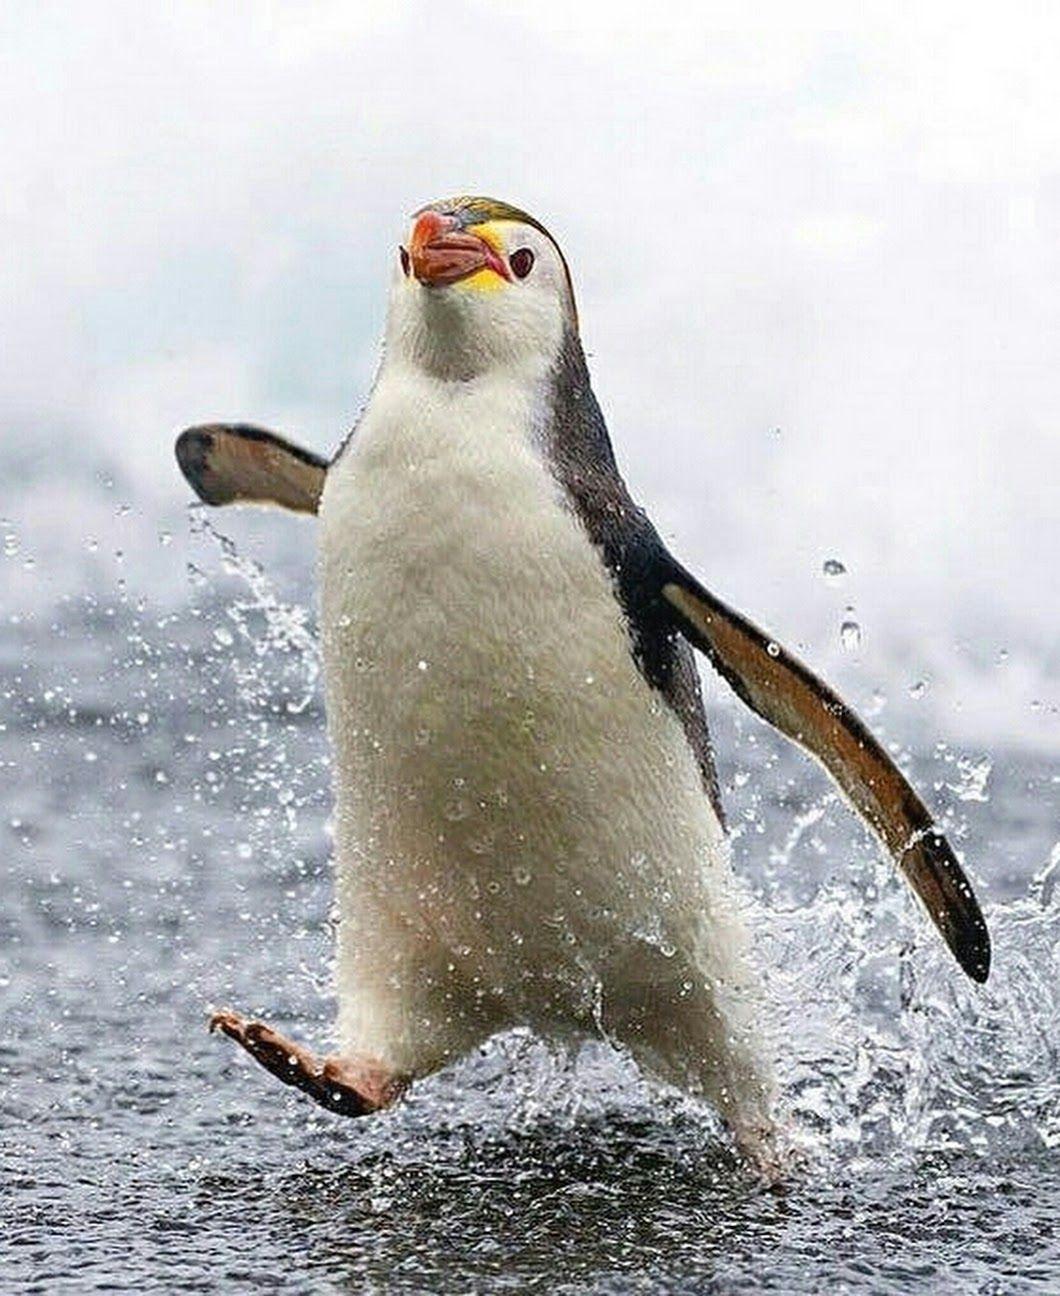 Картинка пингвинов прикольная